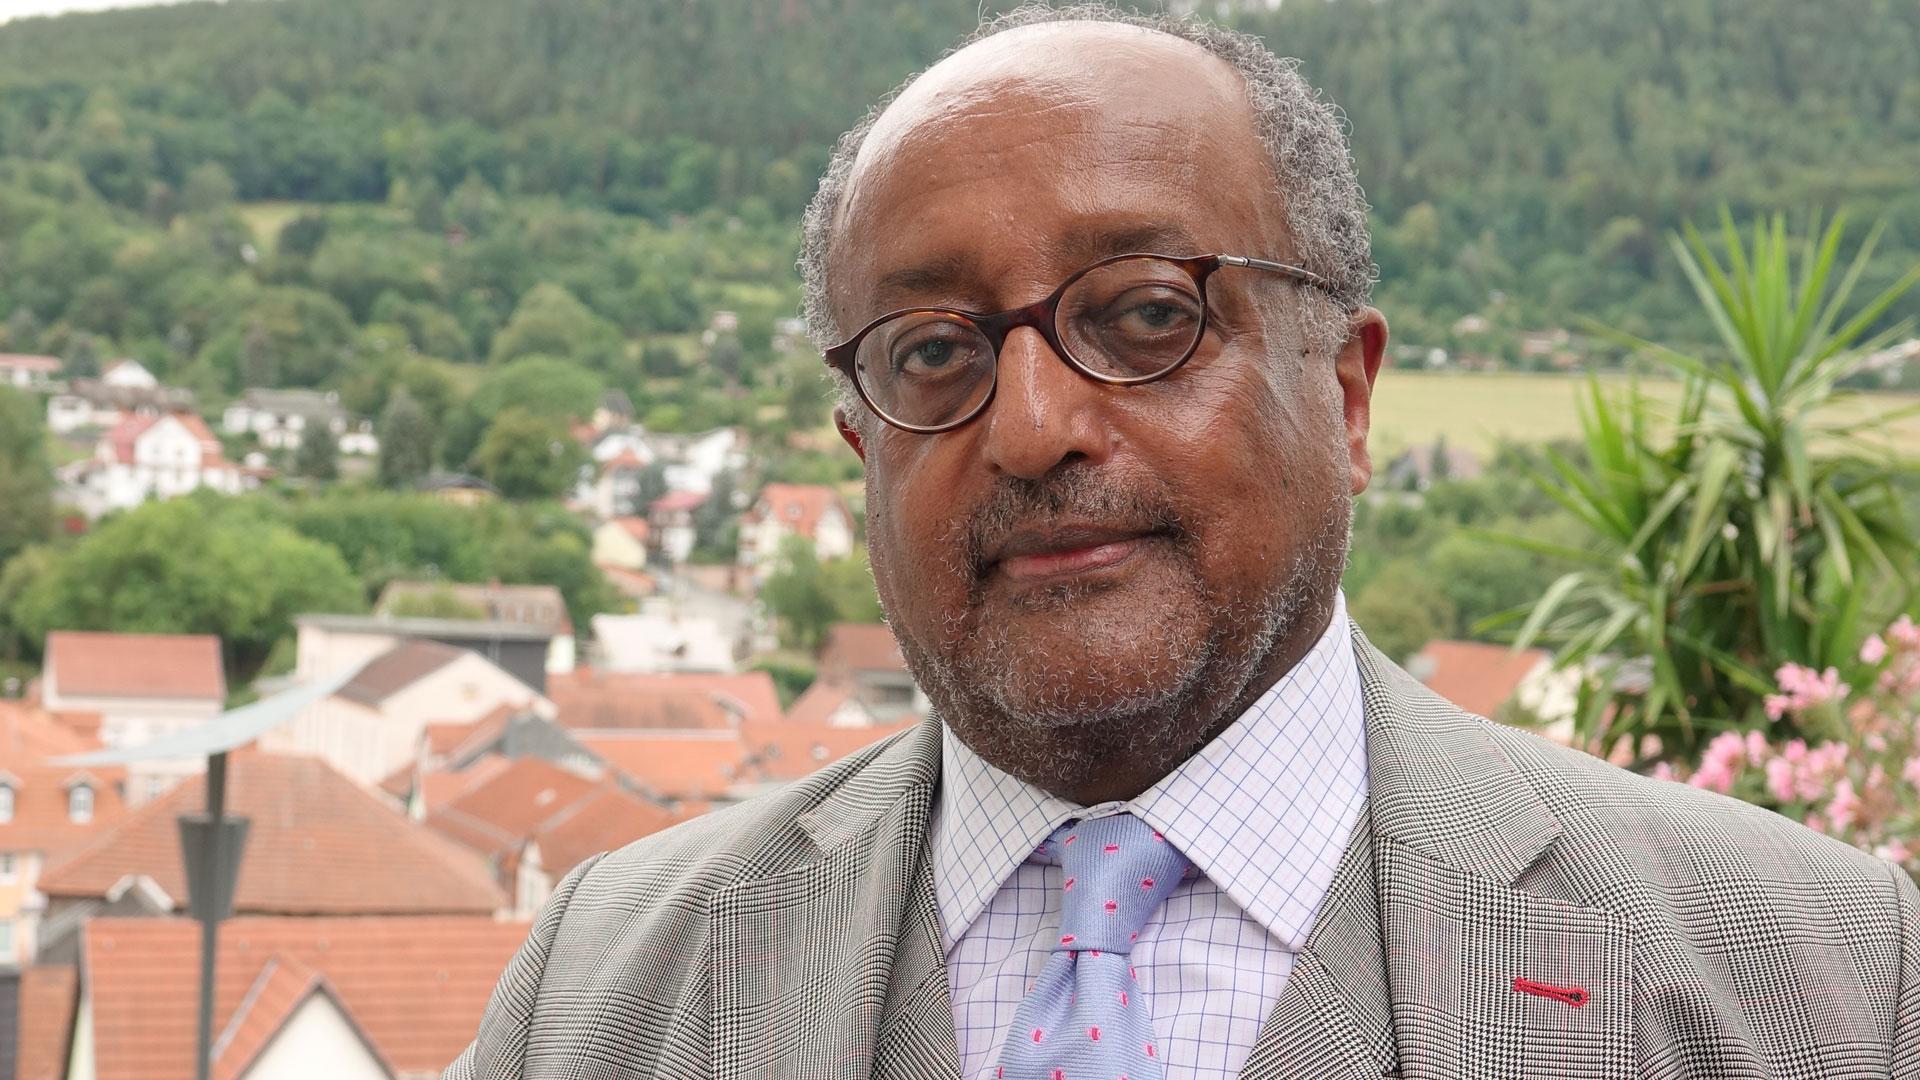 Der Äthiopier Asfa-Wossen Asserate ist politischer Analyst, Autor und Angehöriger des entthronten äthiopischen Kaiserhauses